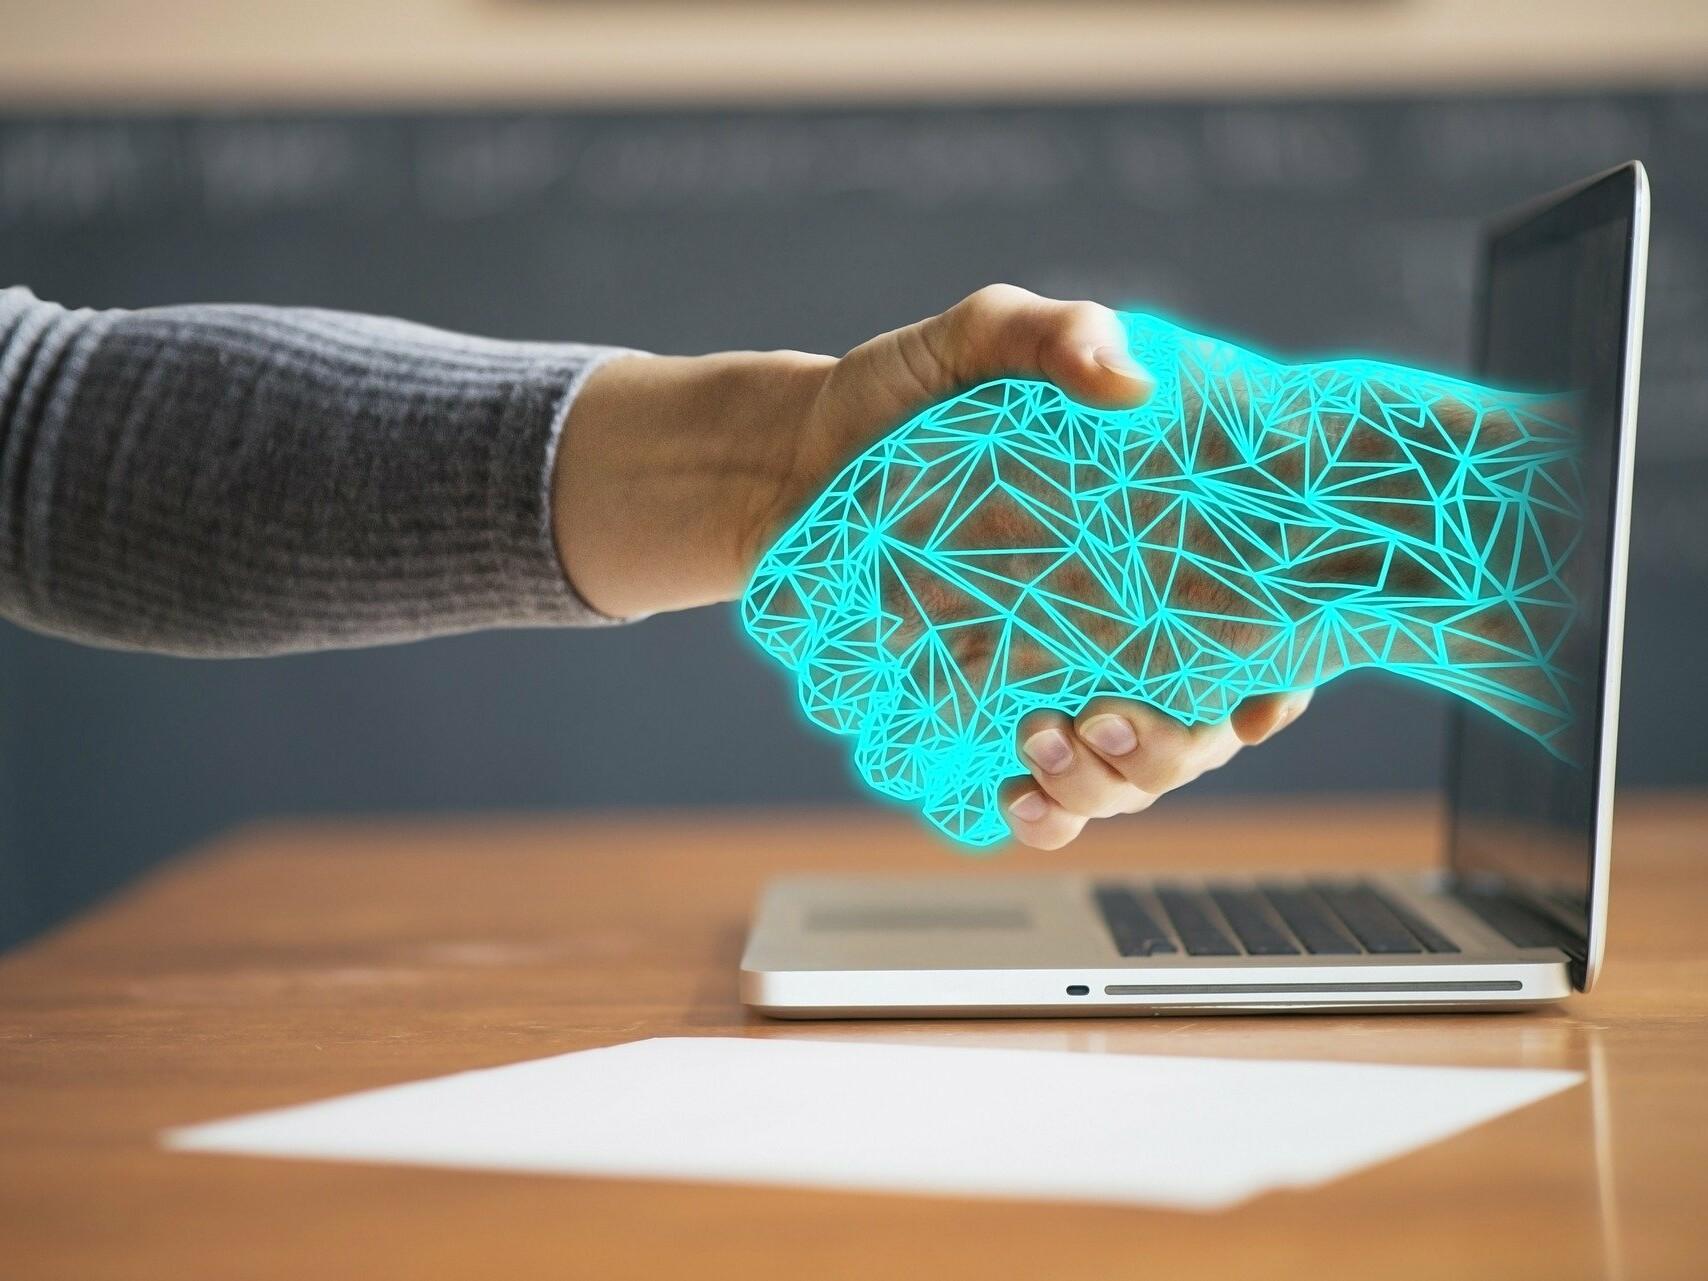 Handschlag zwischen menschlicher und animierter Hand, die aus einem Computerbildschirm kommt.